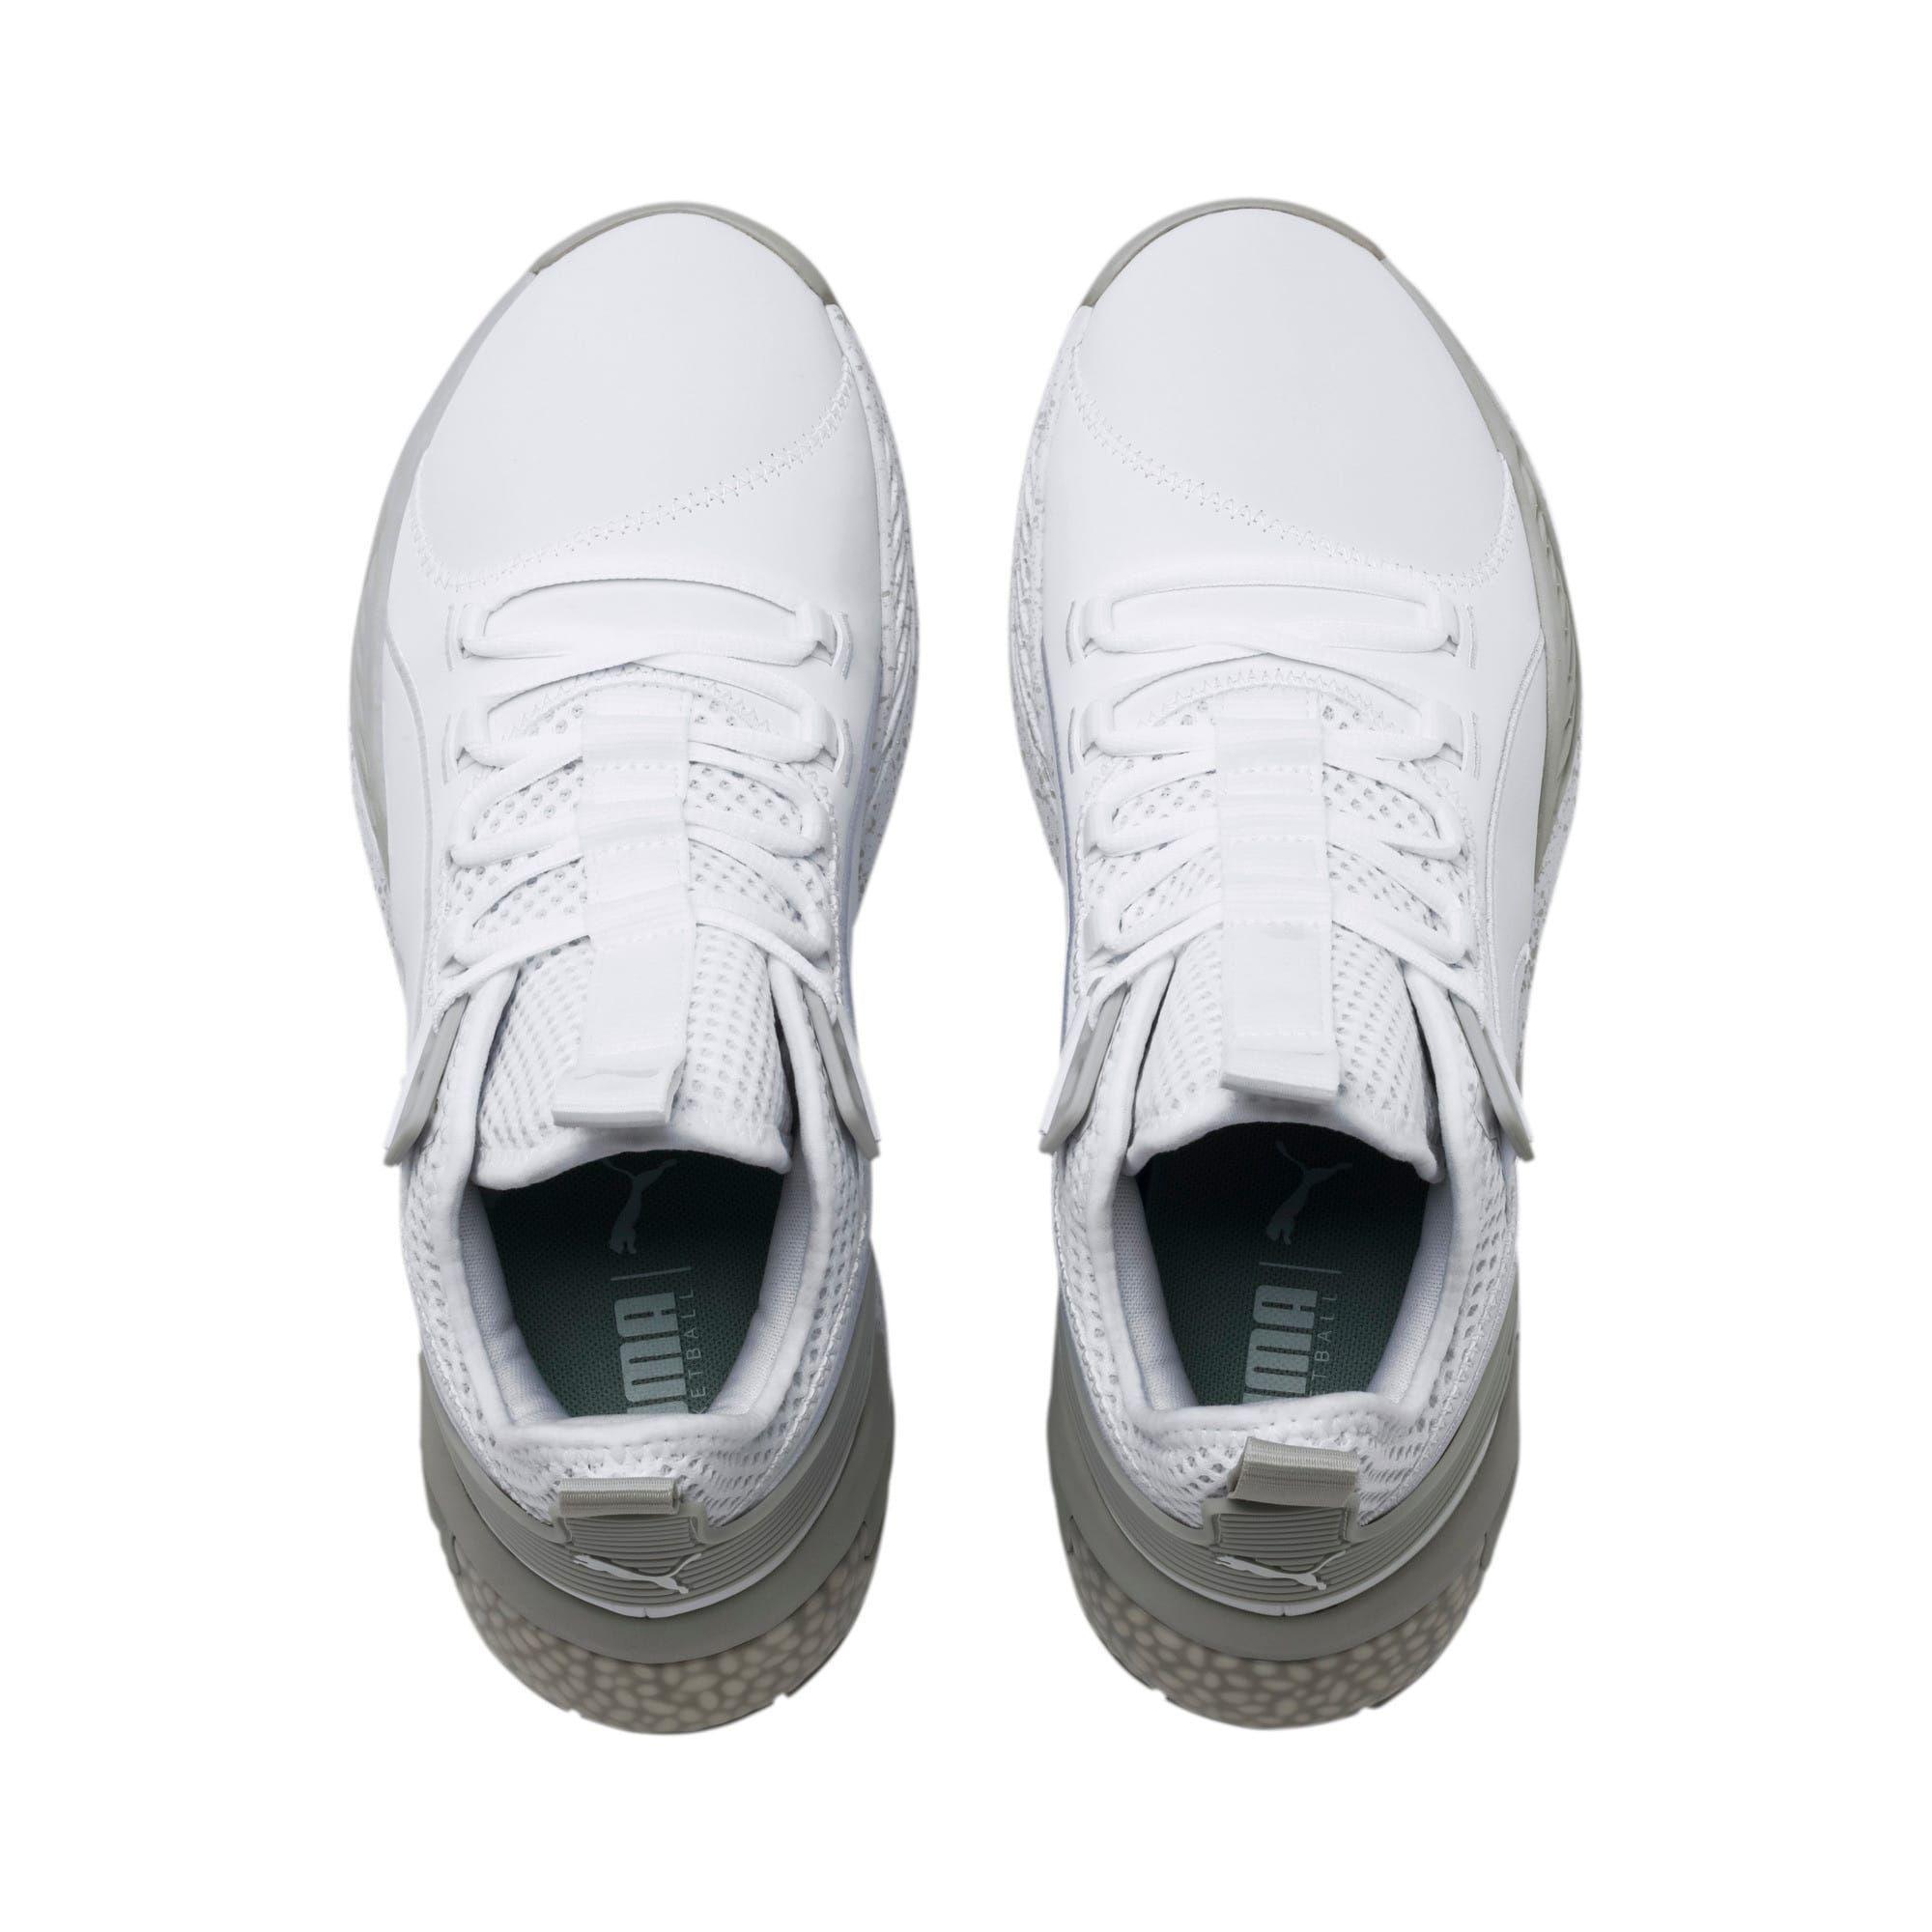 puma shoes mens basketball